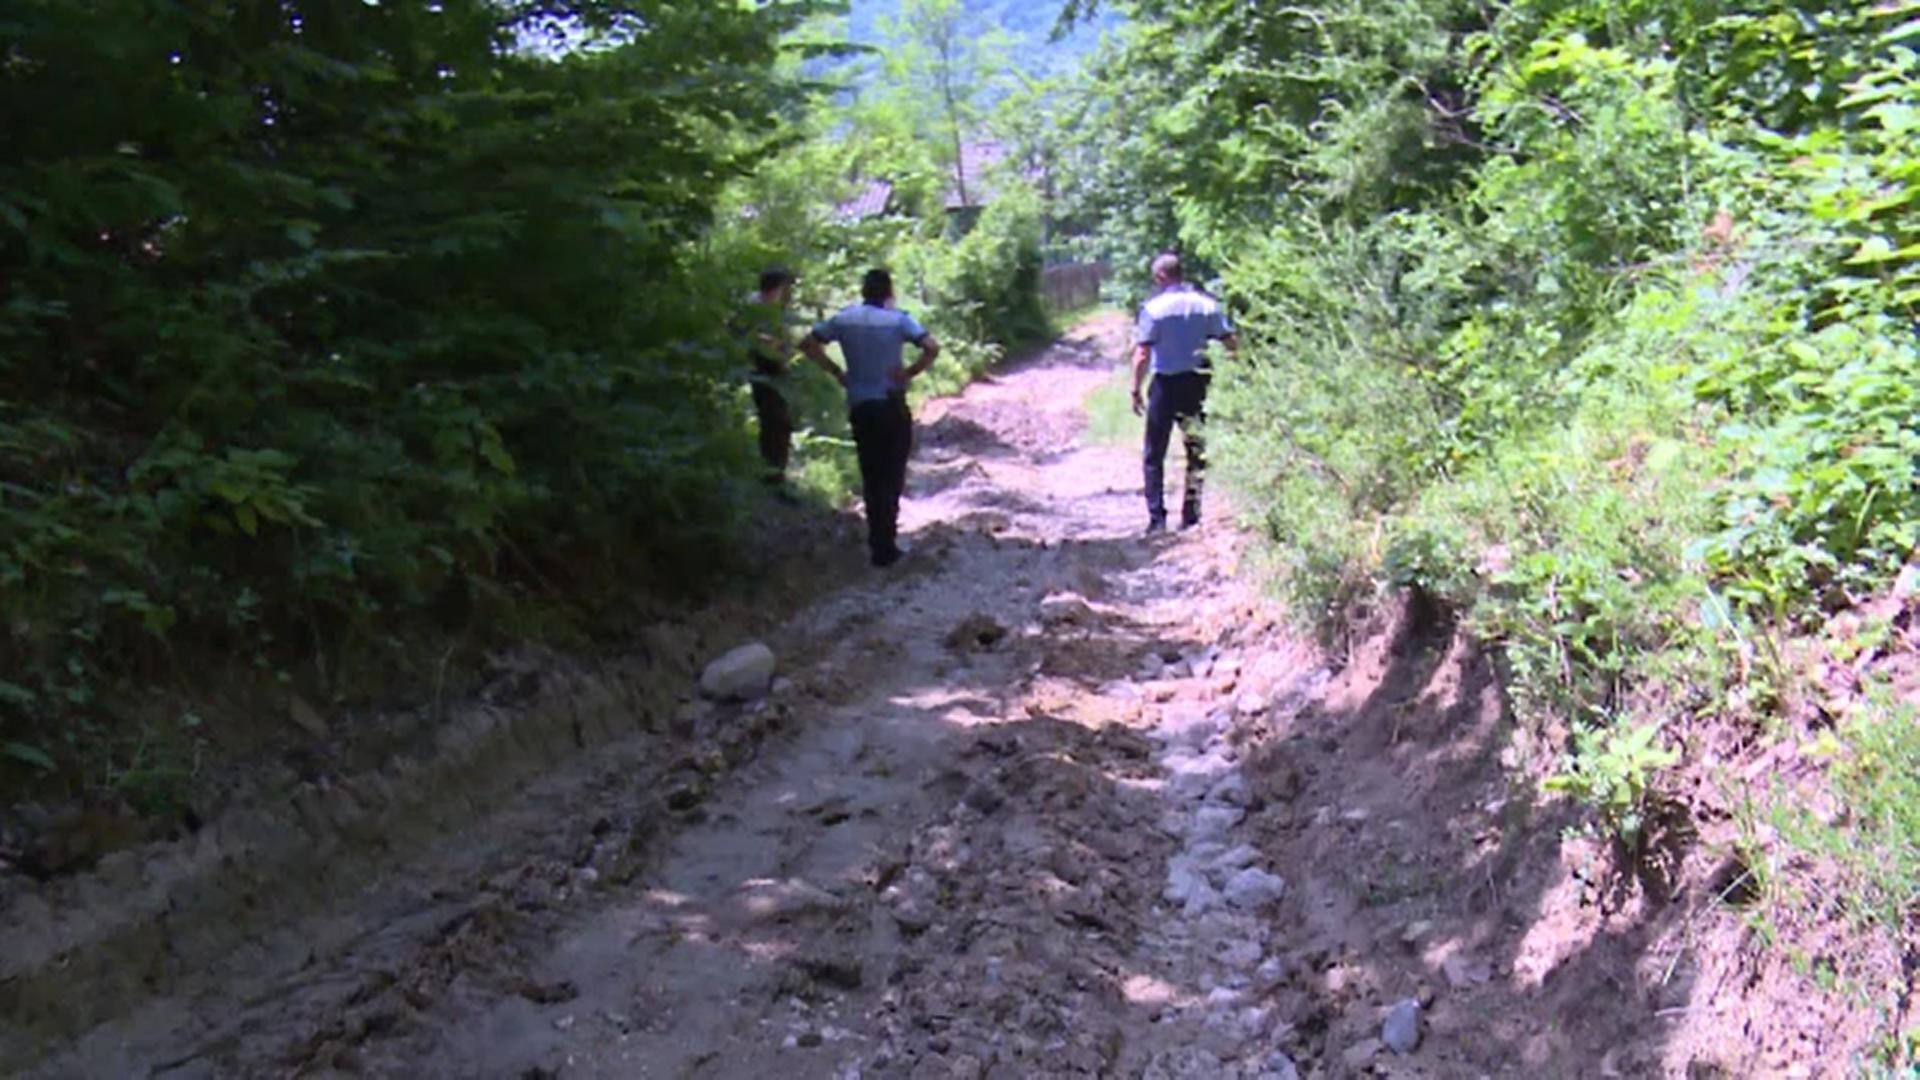 Un bărbat de 72 de ani din Dâmbovița a ajuns la spital după ce s-a prăbușit cu ATV-ul într-o râpă adâncă